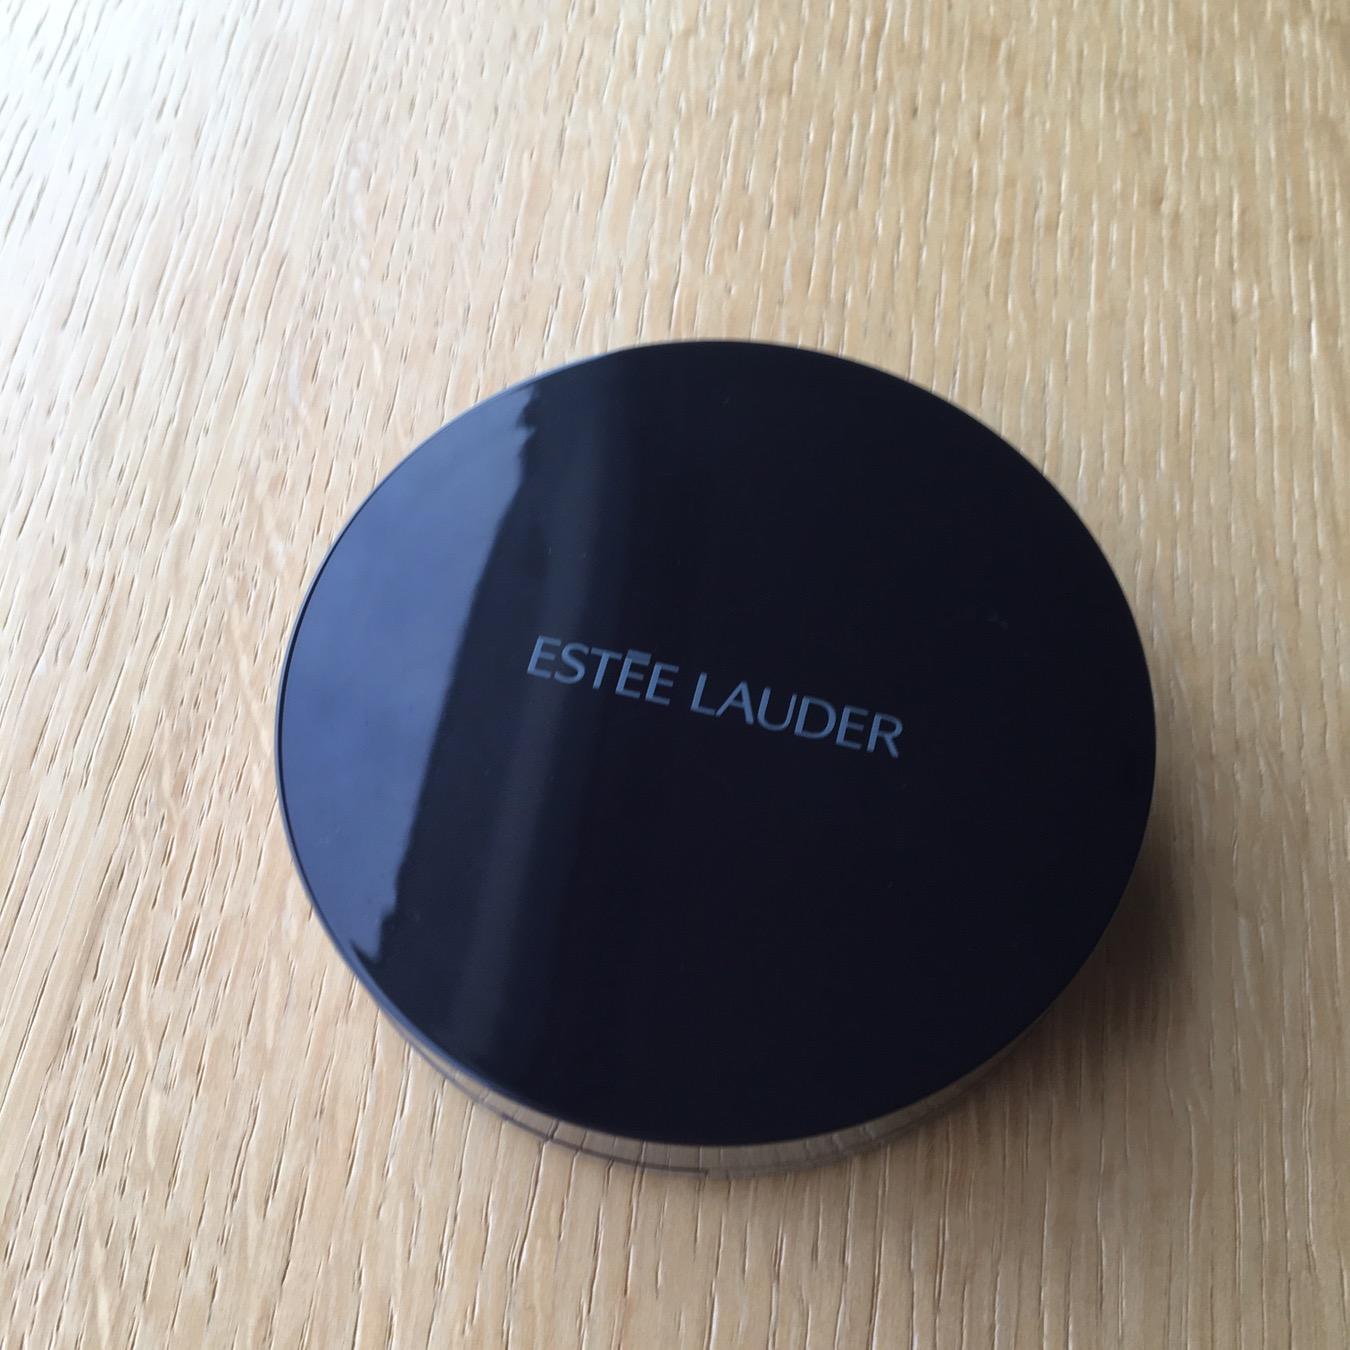 kem-nen-estee-lauder-trang-diem-mat-serum-compact-makeup-04